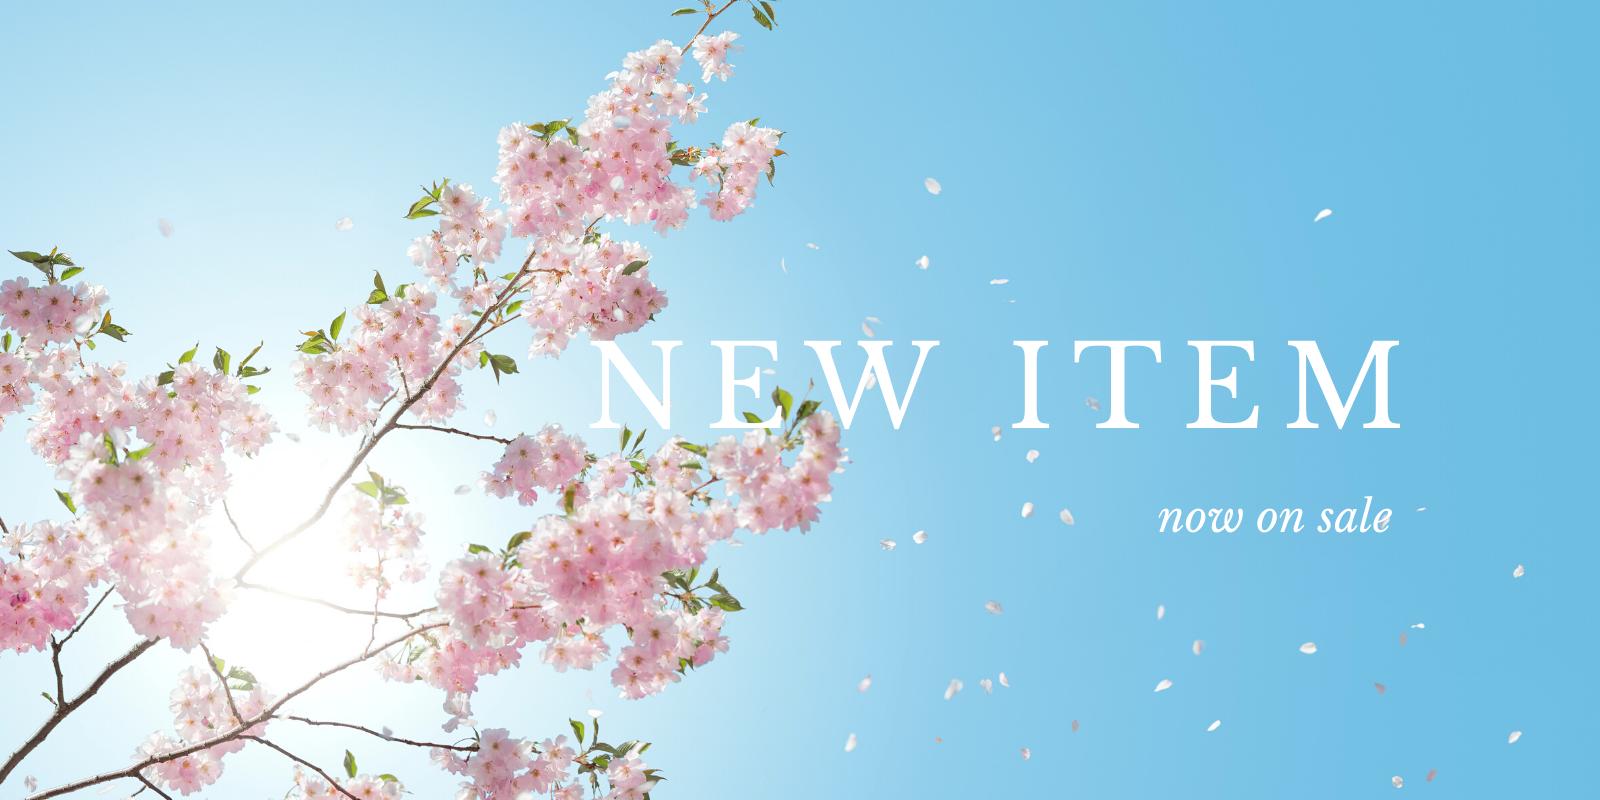 【2021/3/1発売】ワイヤレス充電器、レザーマウスパッドなどデスクワークが捗るグッズが新登場!│オリジナルTシャツTMIXの新商品